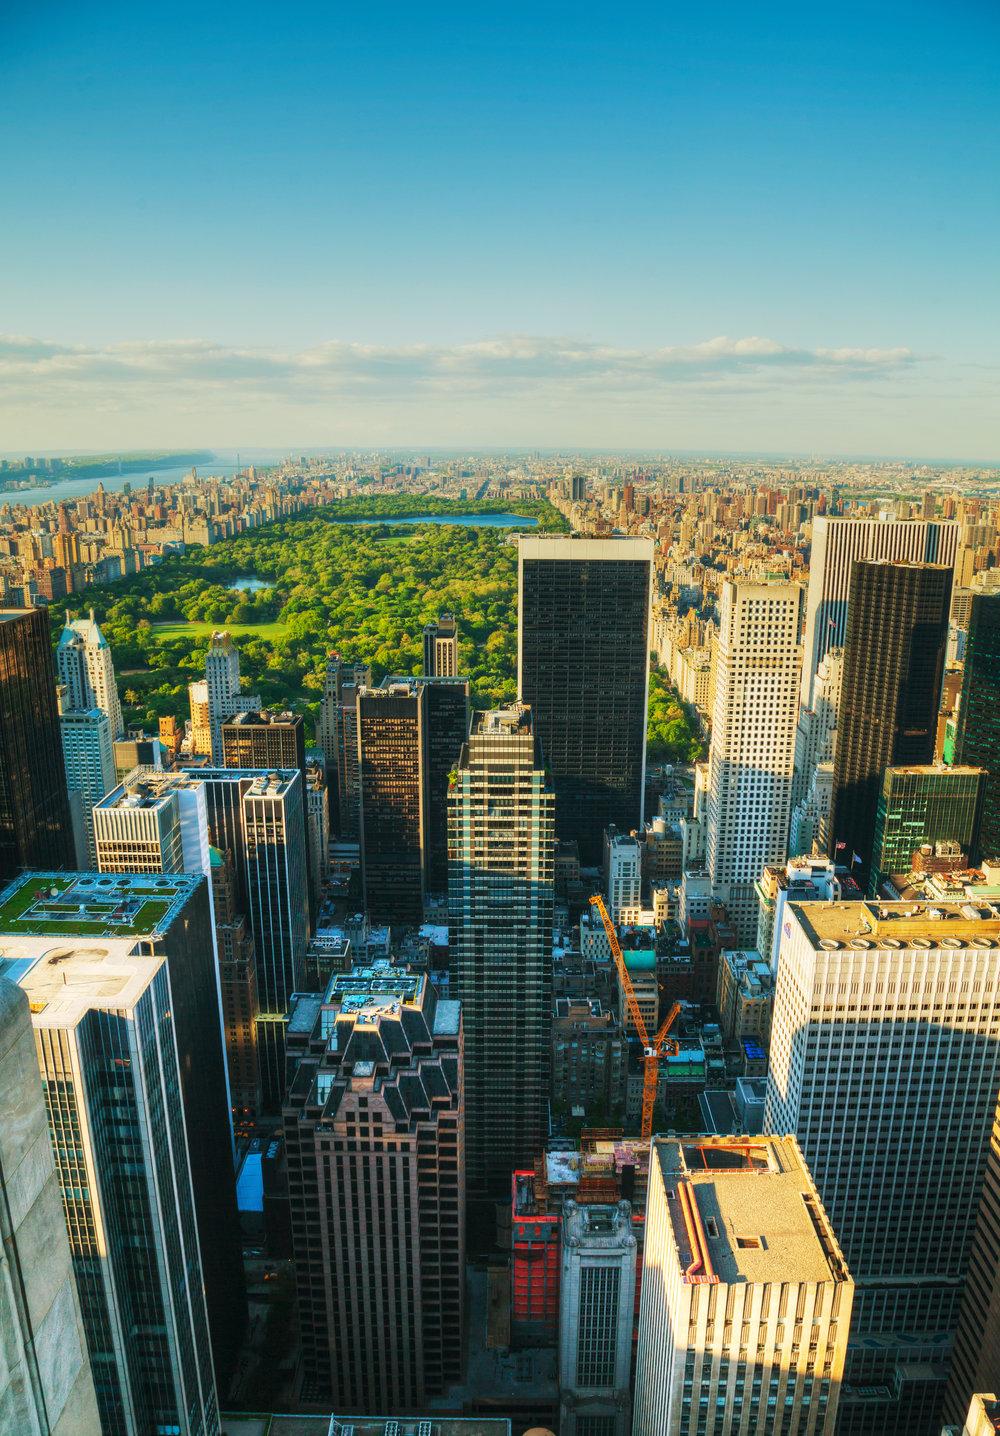 dicas de hospedagem em nova york, dicas de hospedagem ny, onde ficar nova york, dicas de viagem nova york, o que fazer nova york